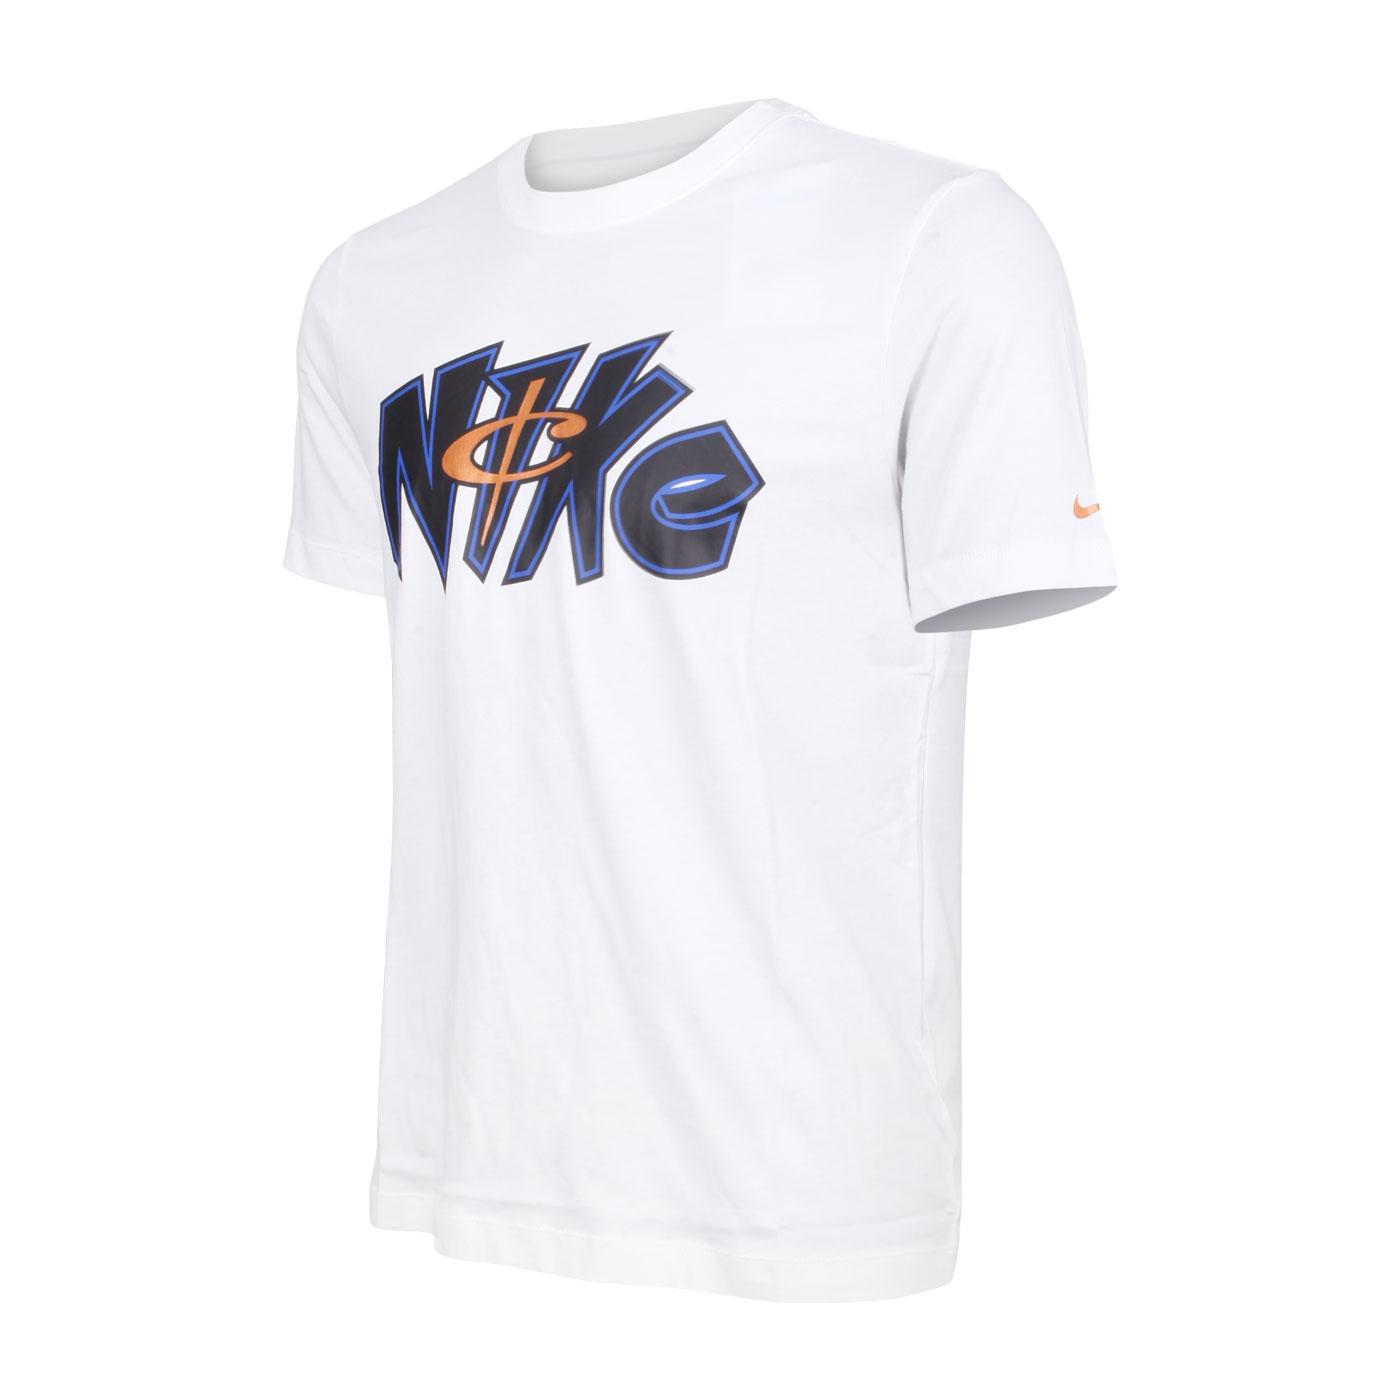 NIKE 男款短袖T恤 DM2444-100 - 白藍玫瑰金